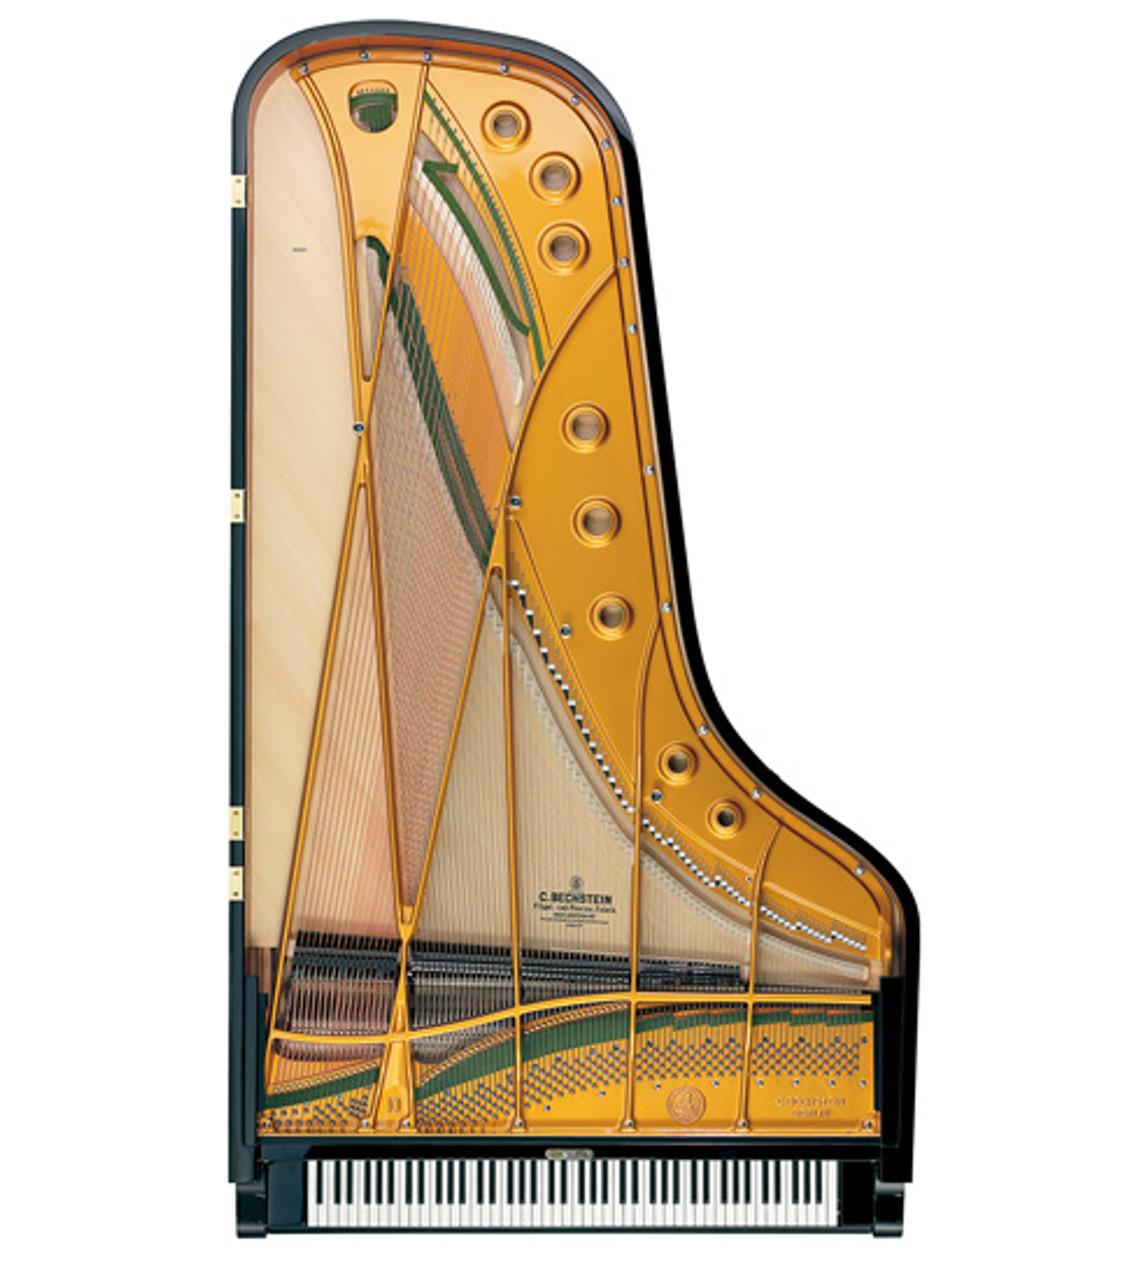 C.Bechstein D282 Concert Grand